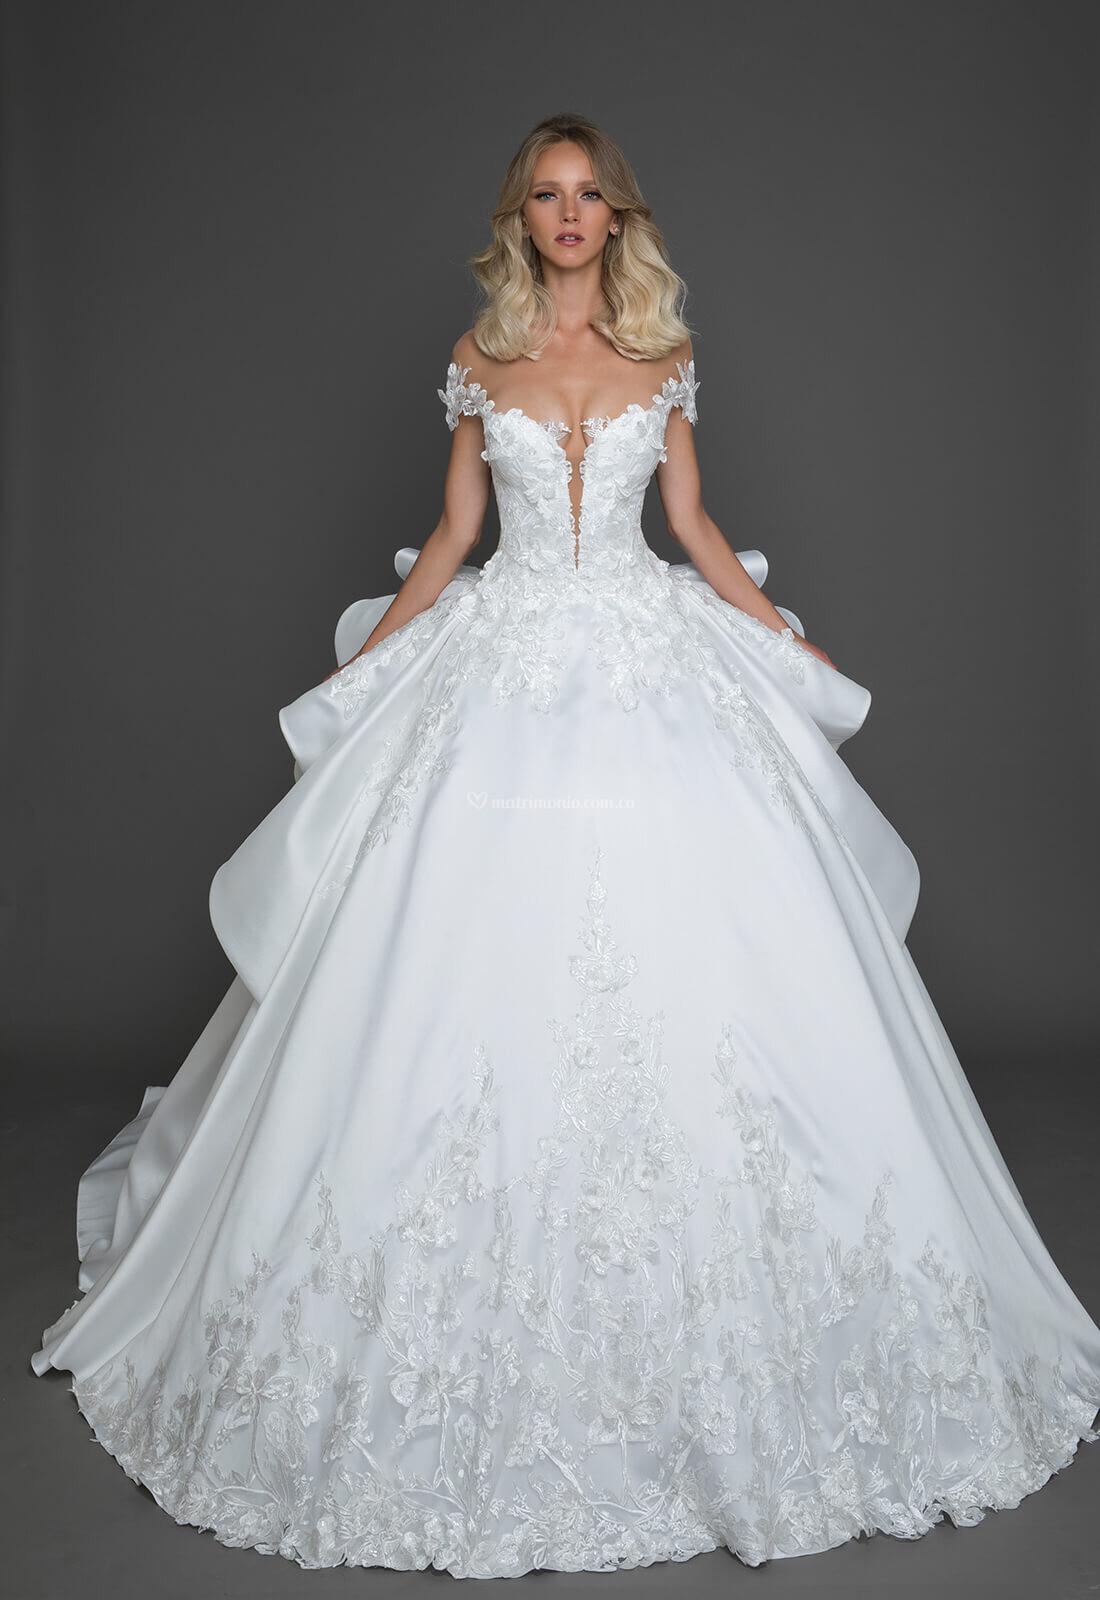 Imagenes de vestidos de novia pnina tornai